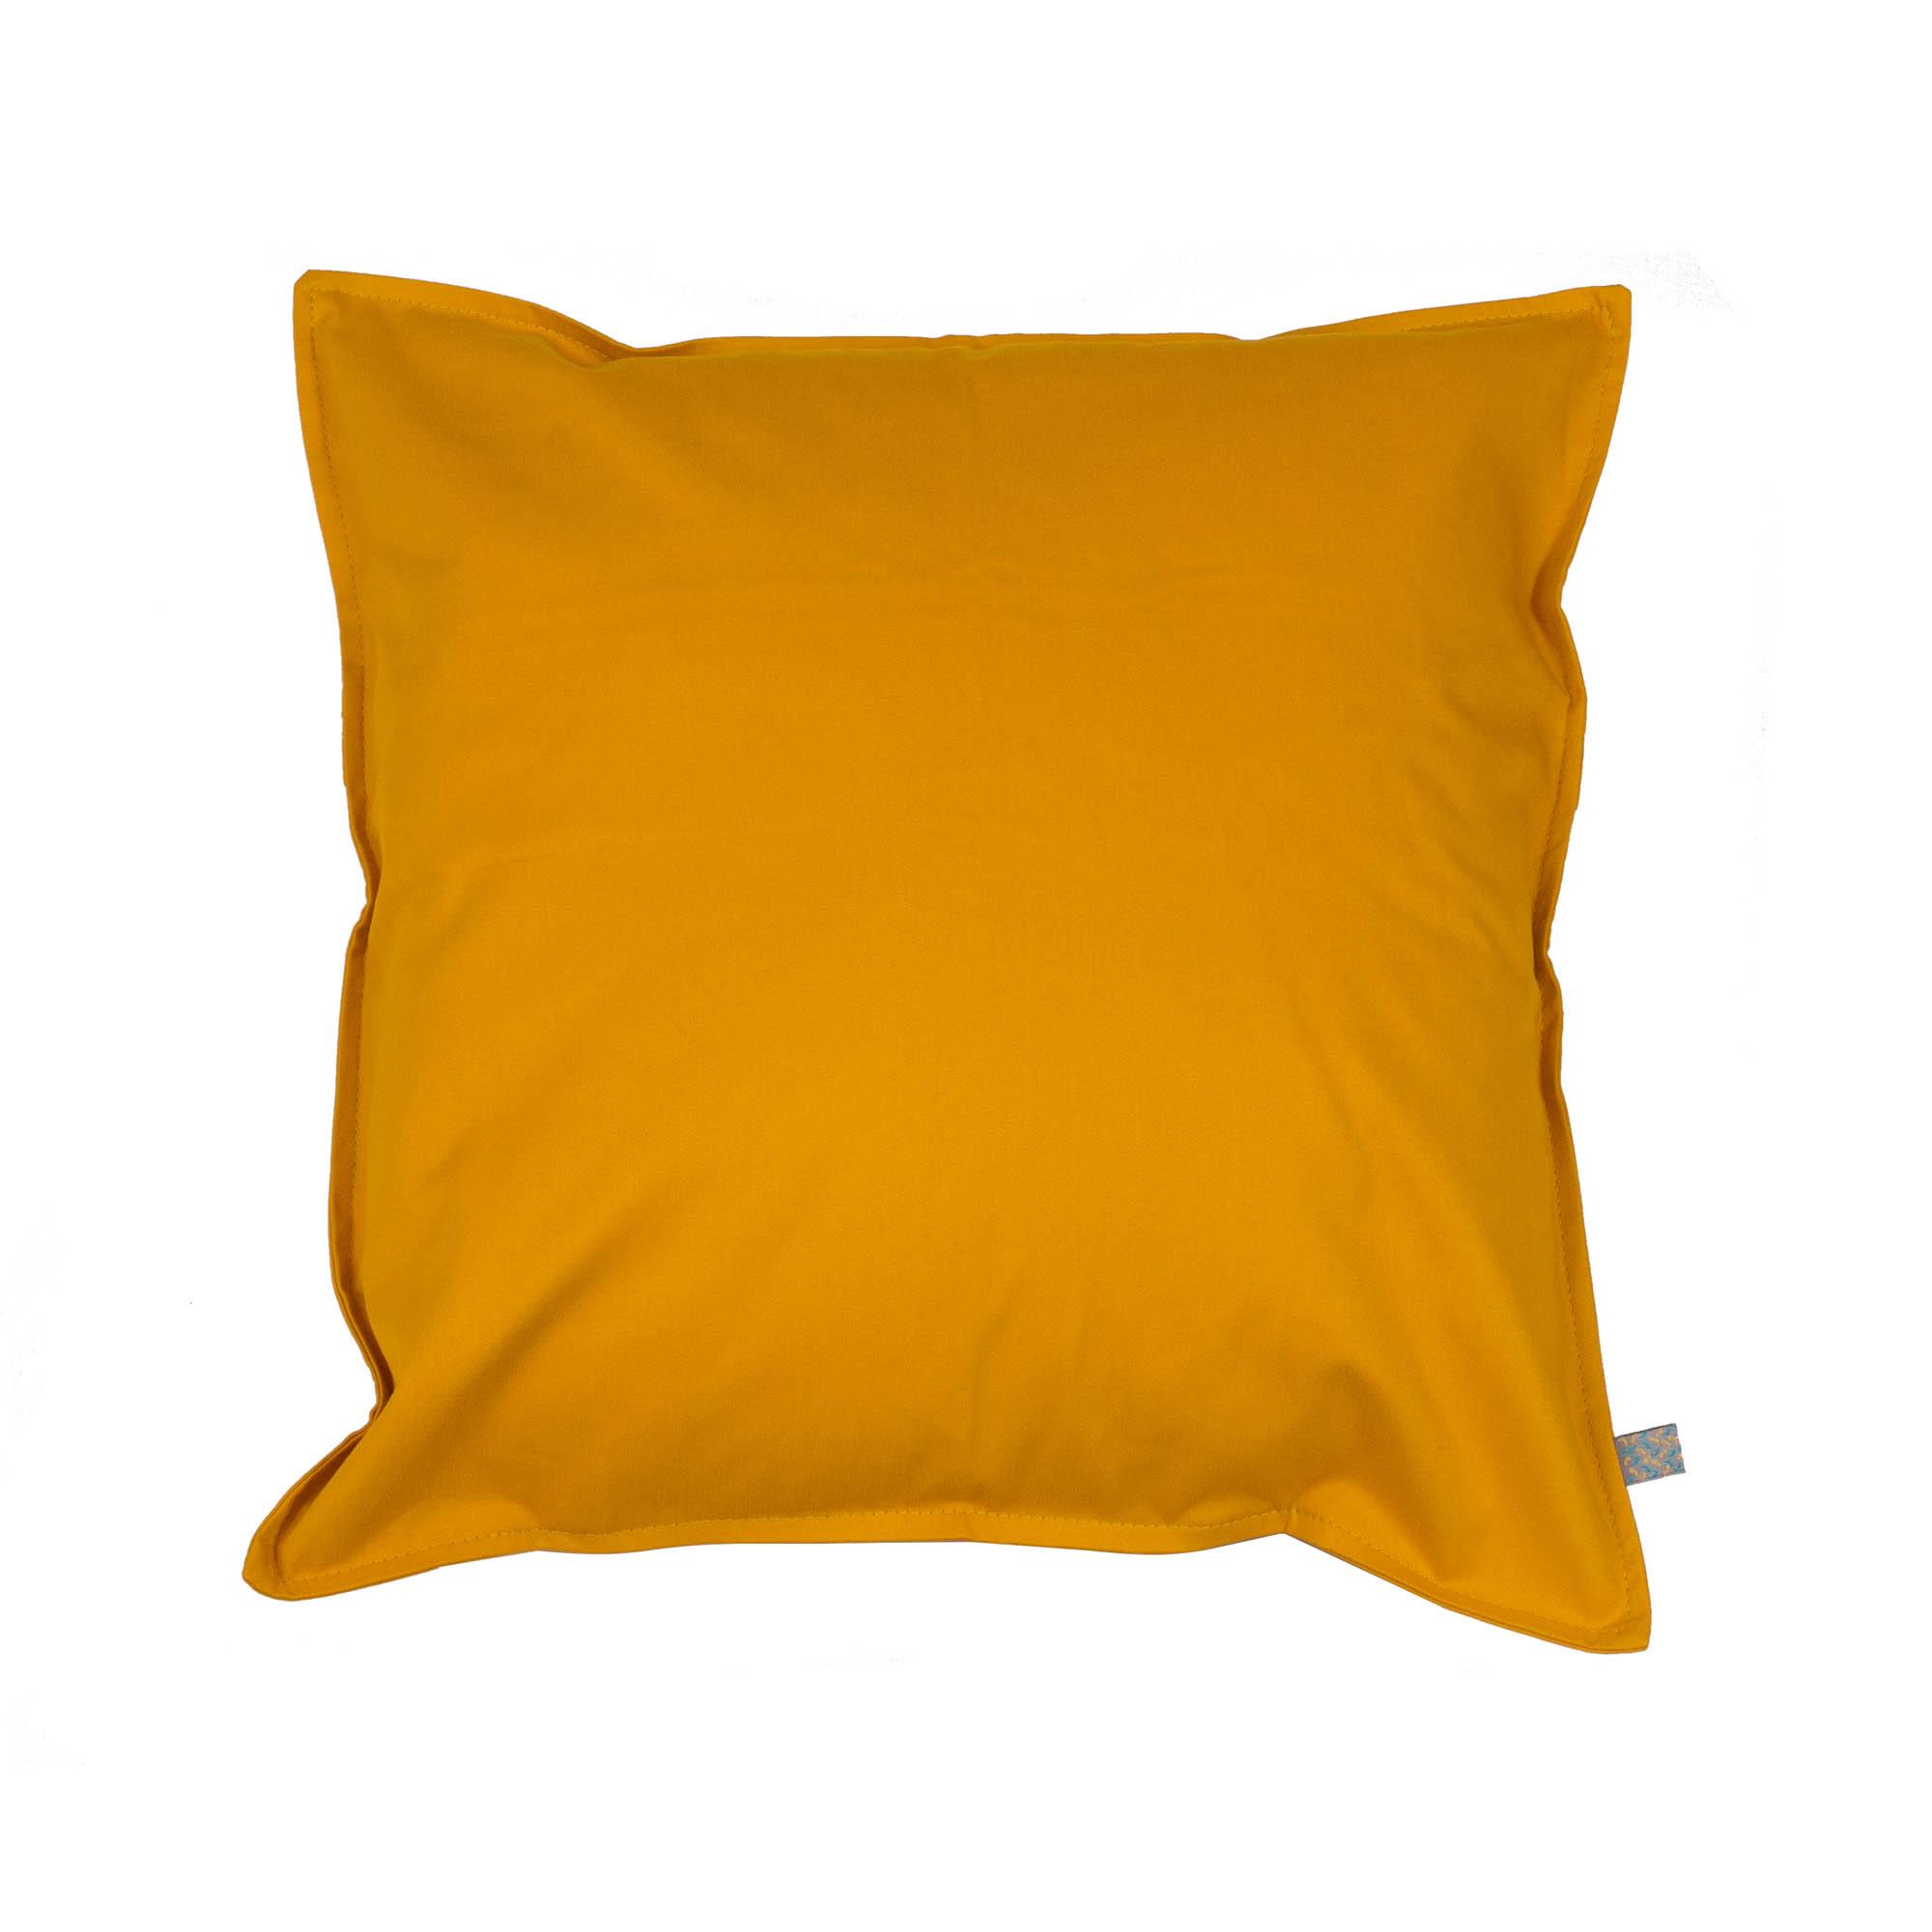 Capa de almofada em pesponto 45 cm x 45 cm mostarda